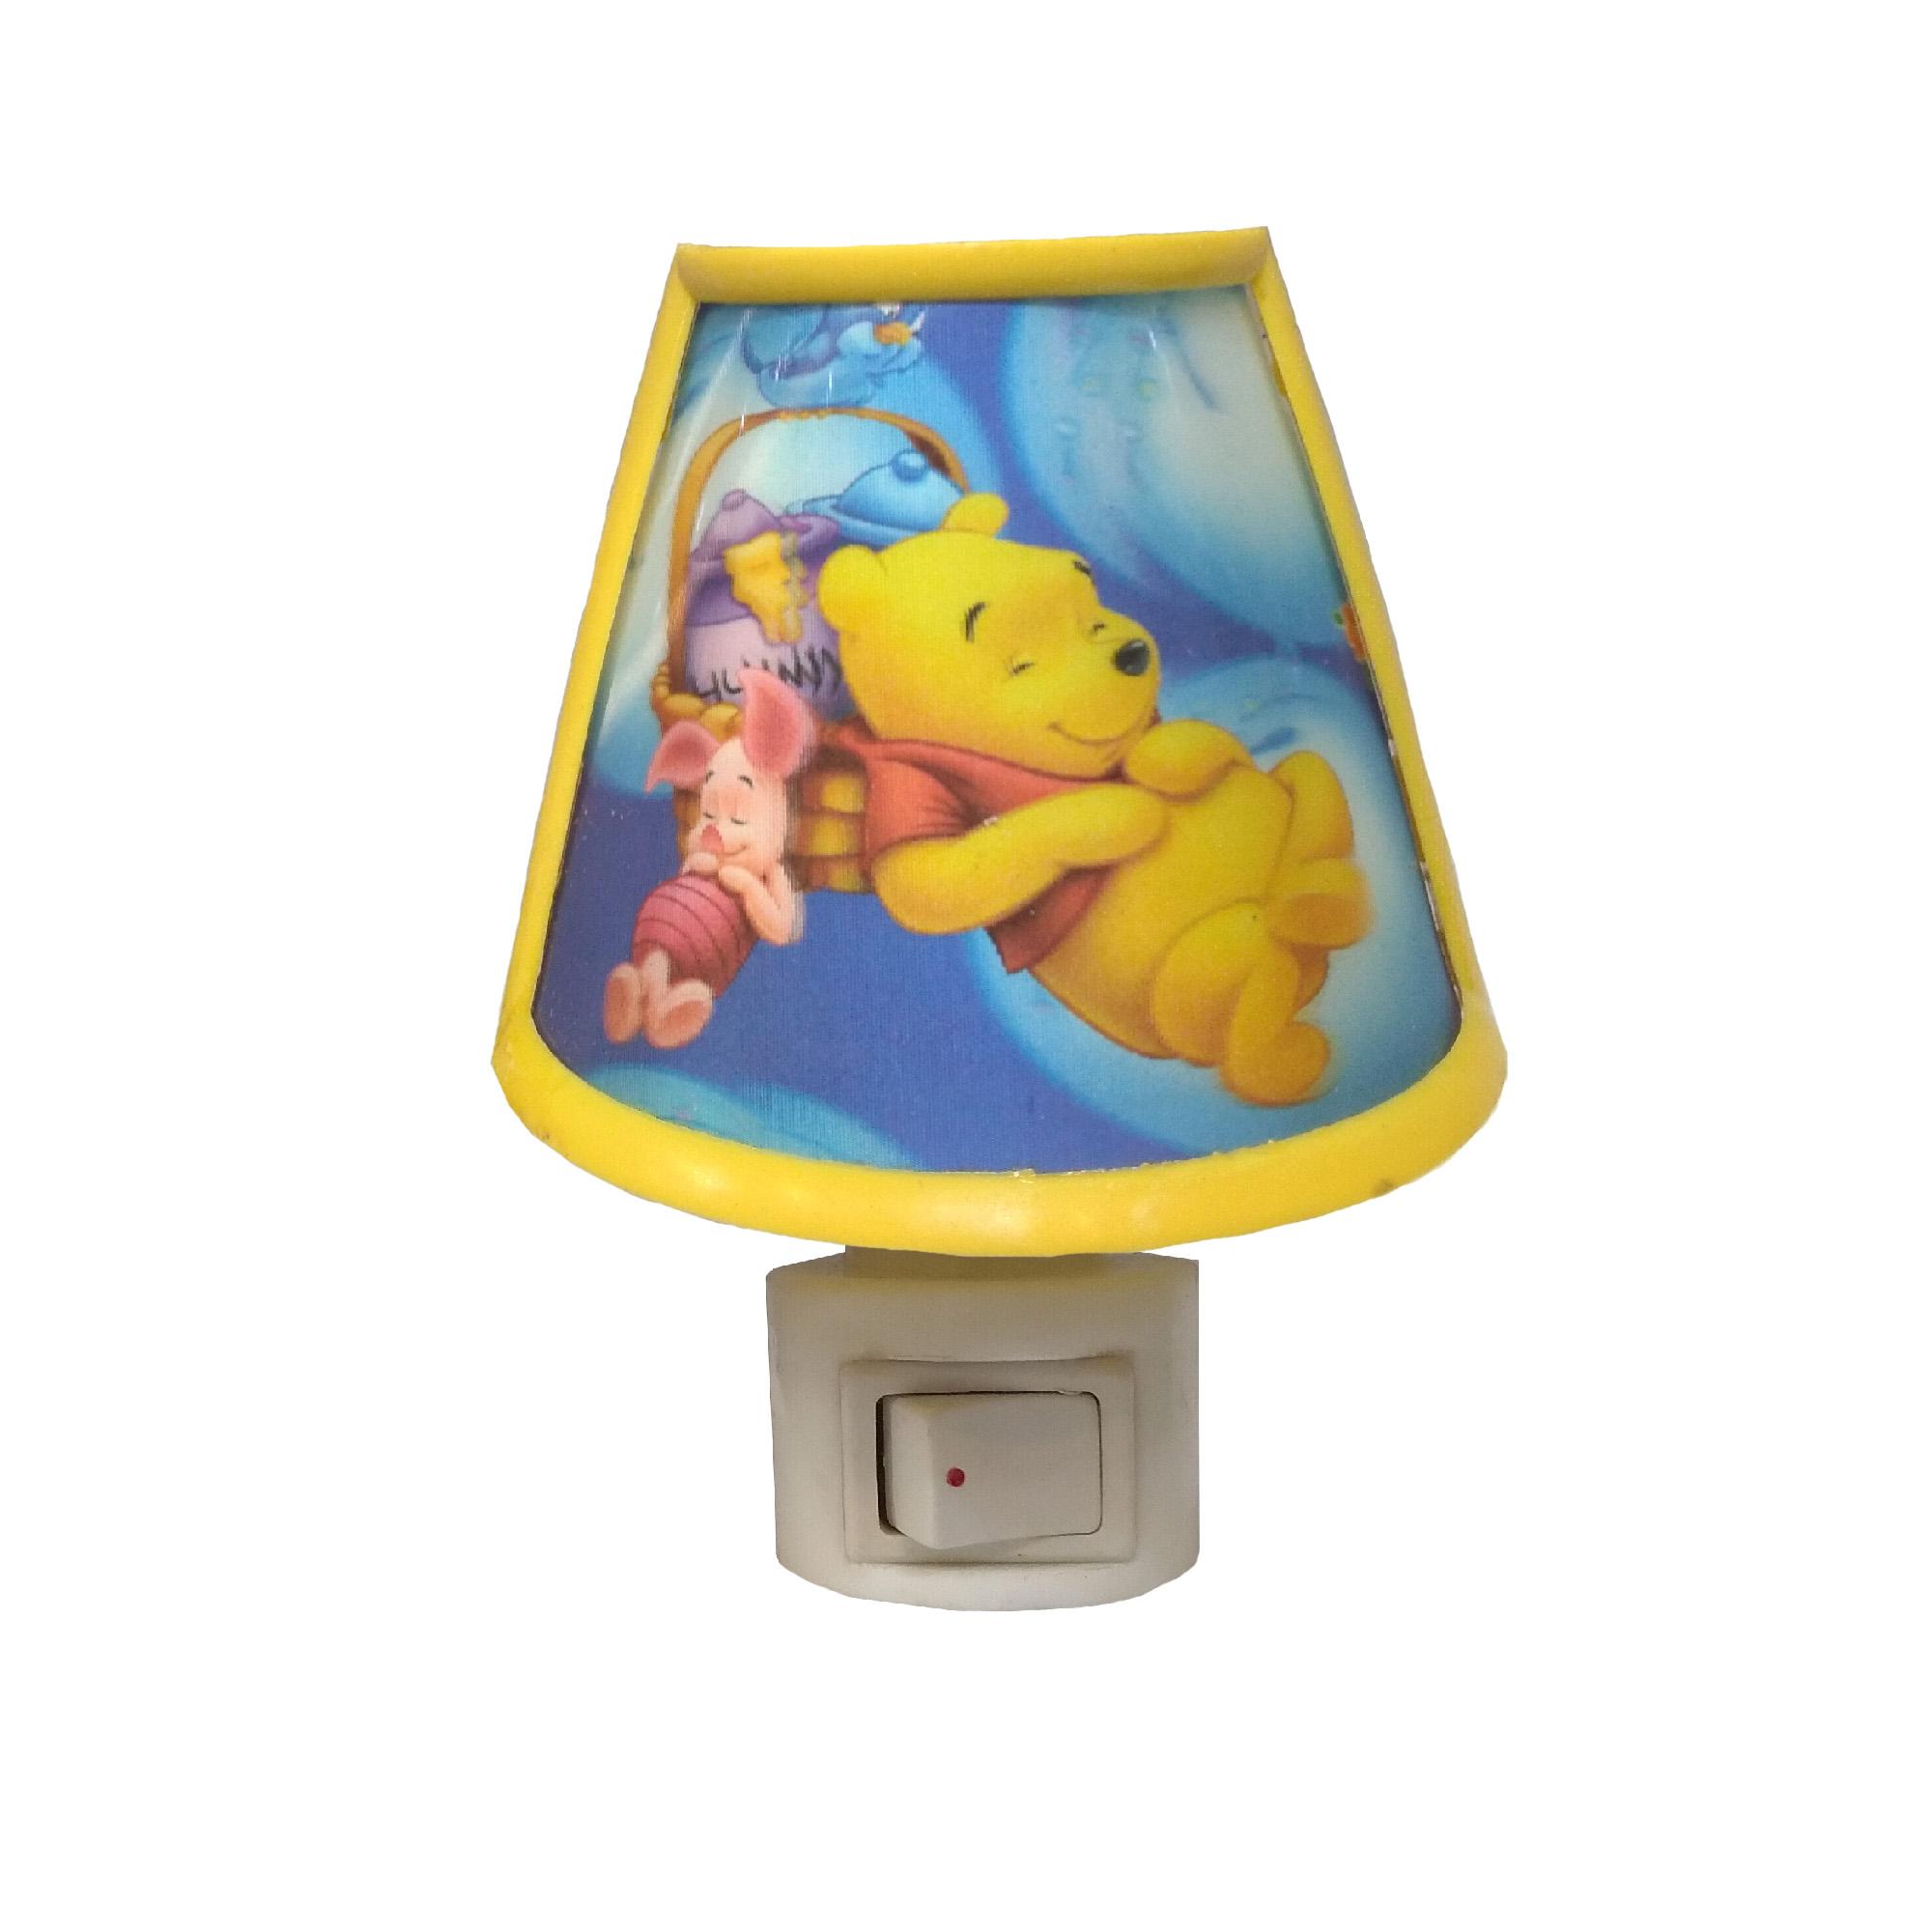 چراغ خواب اتاق کودک مدل سه بعدی